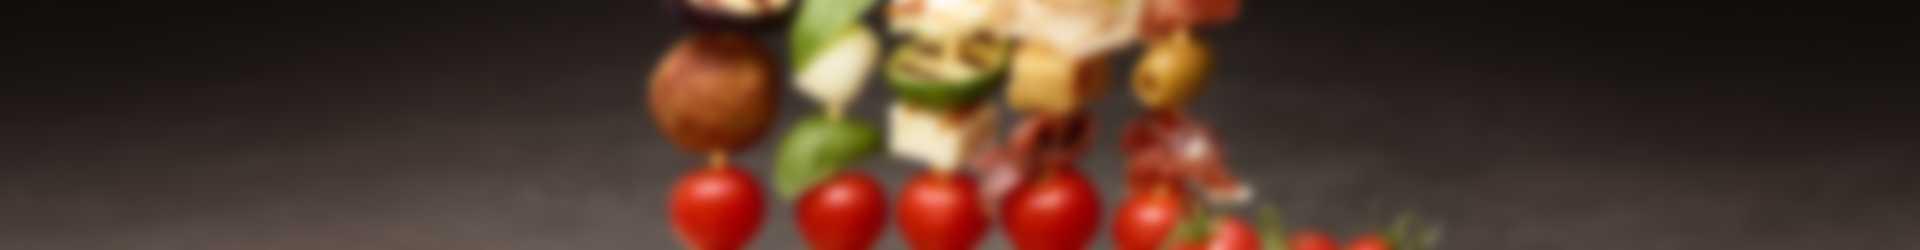 Tomaatprikkers